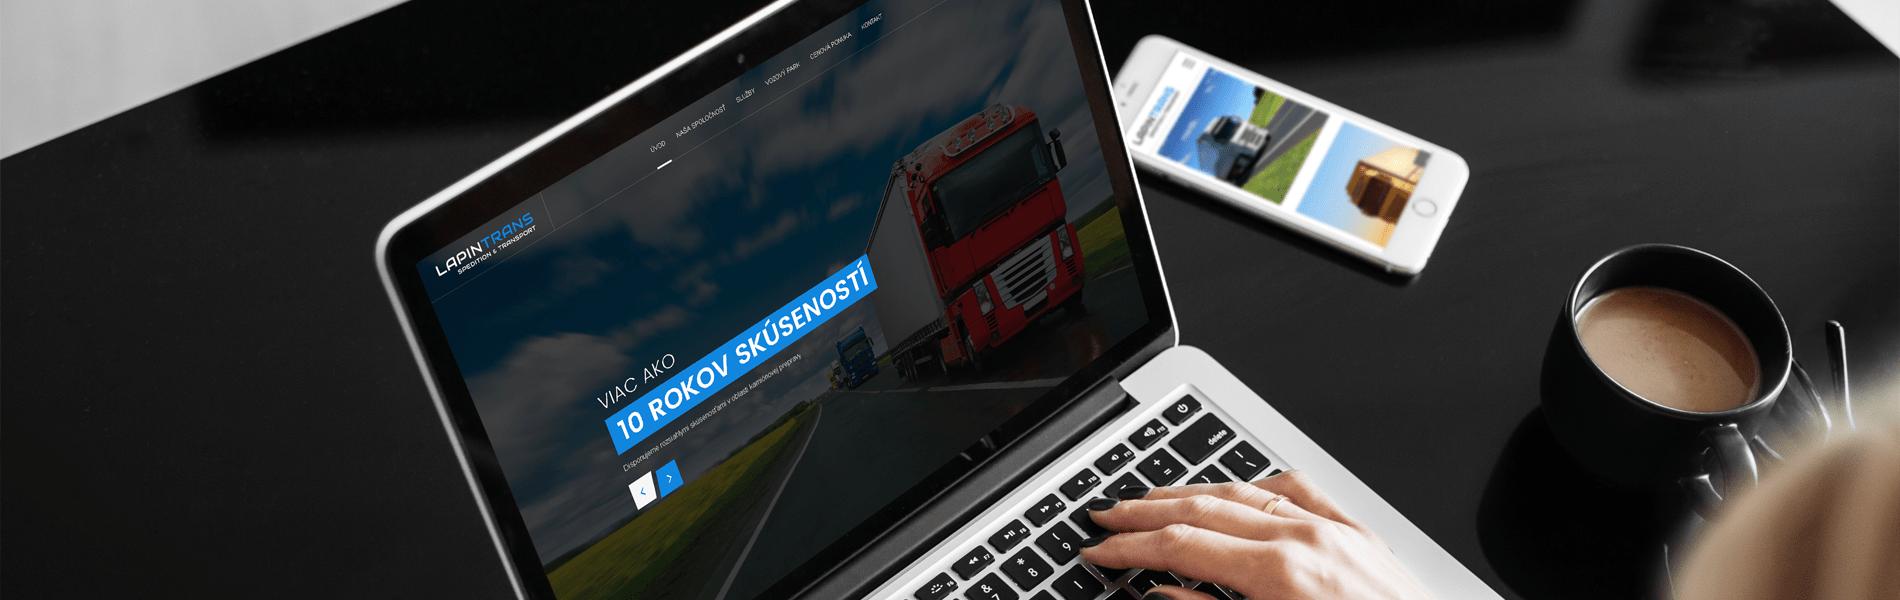 Lapintrans.sk - Tvorba one-page web stránky | Uniqino.sk